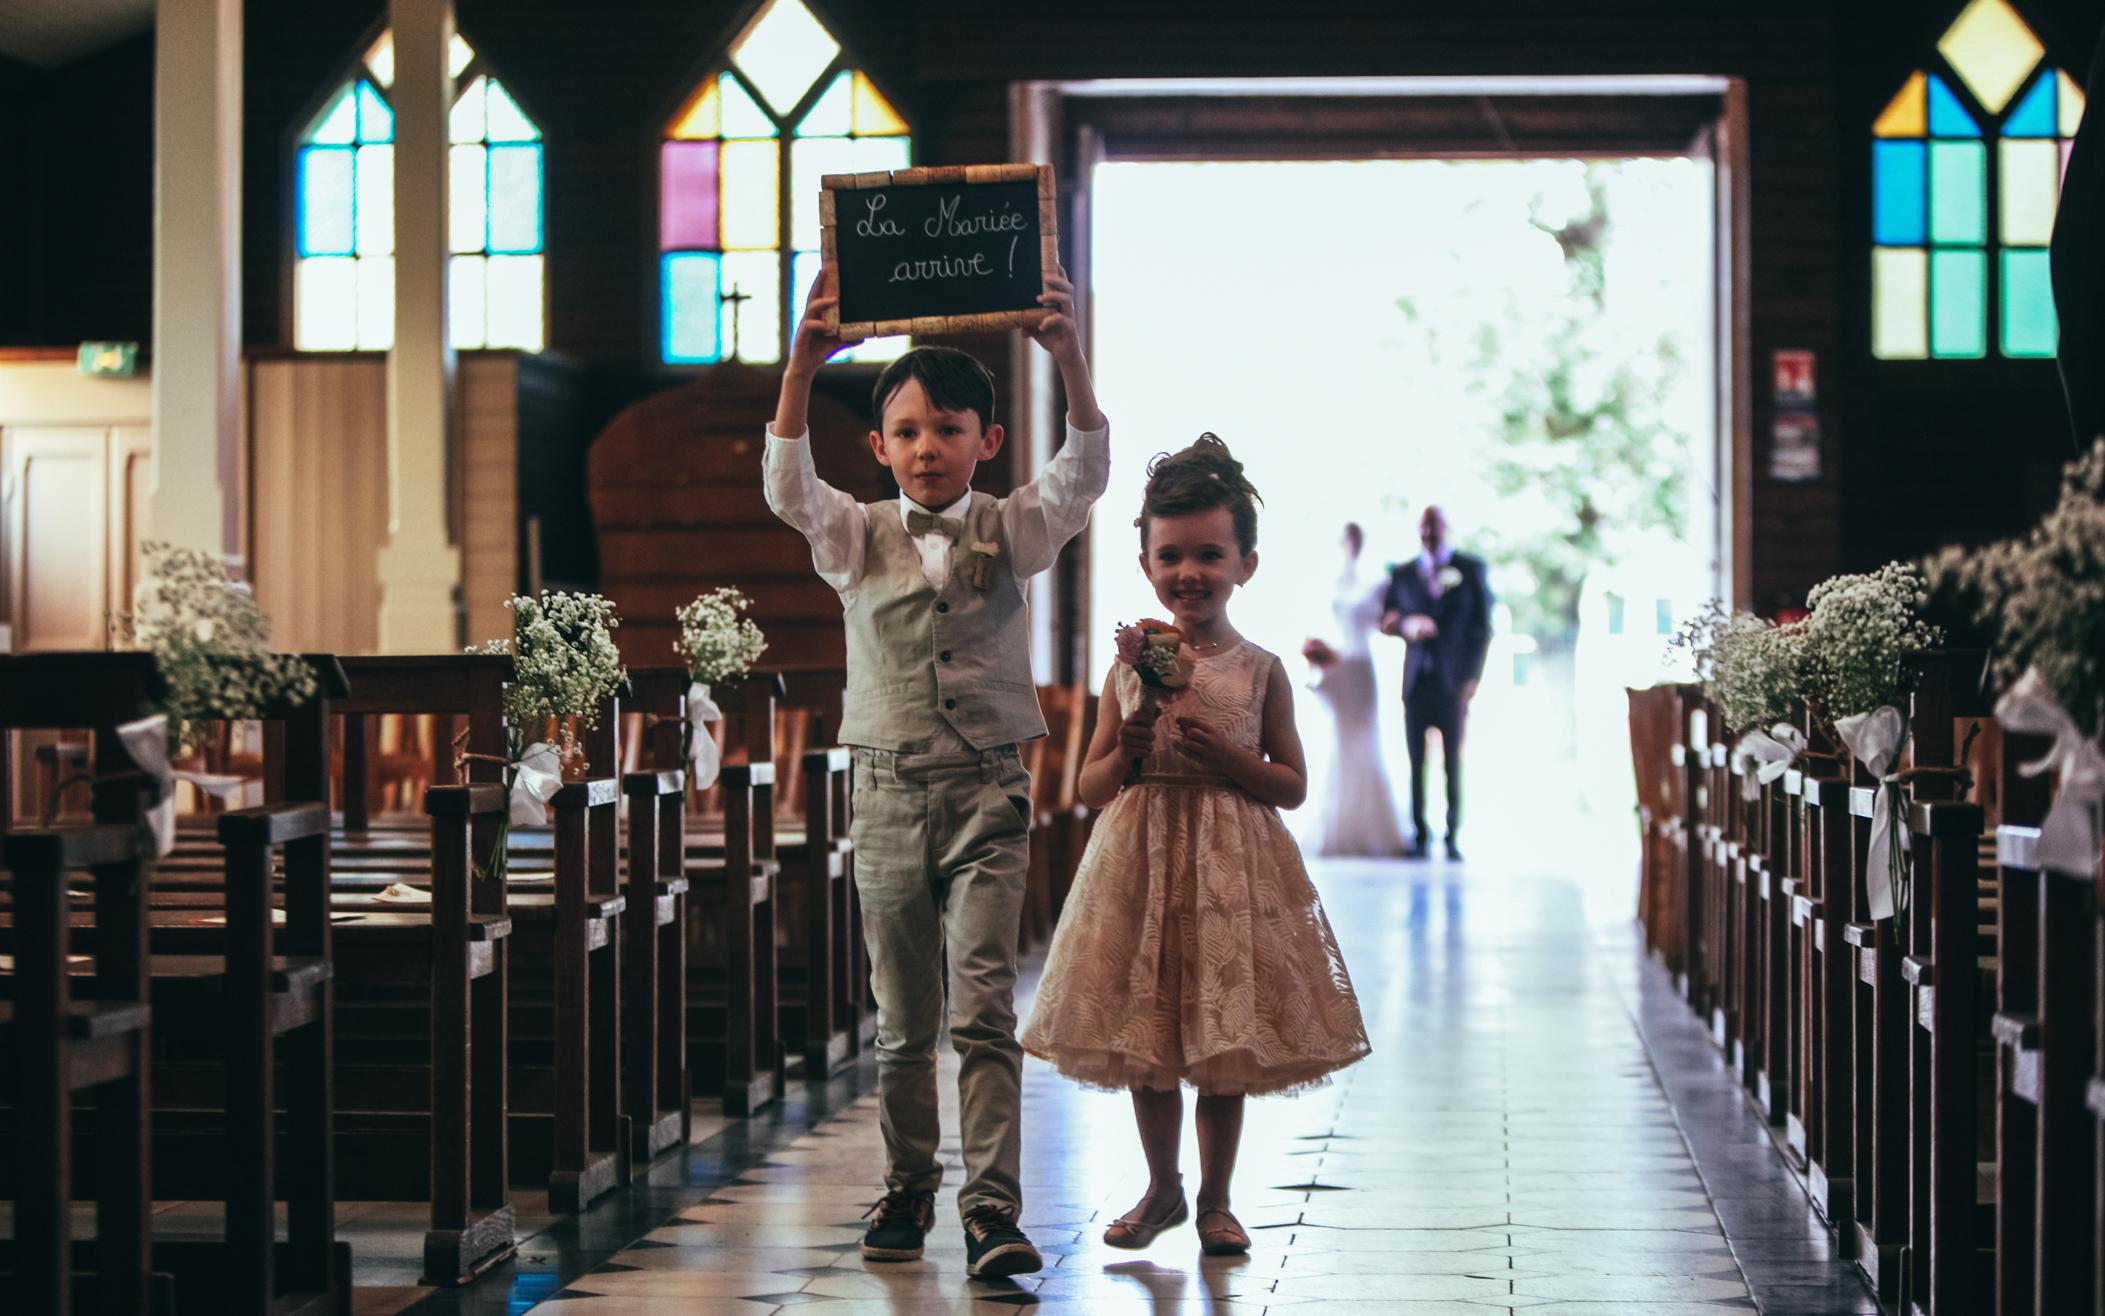 Les enfants d'honneur